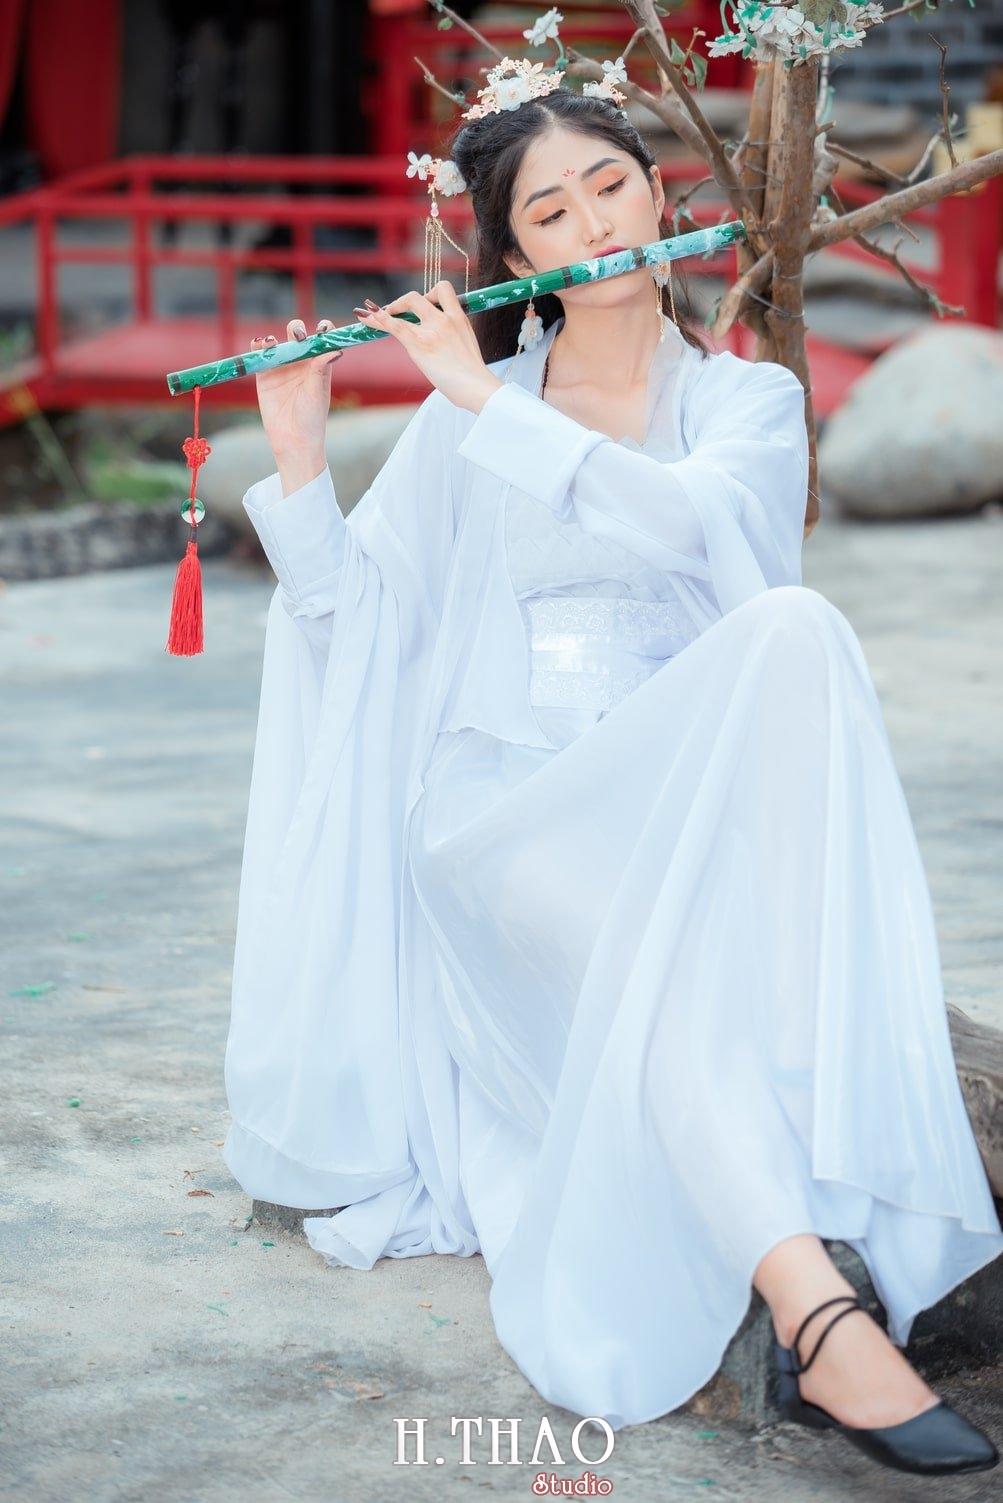 Anh tieu long nu 11 - Bộ ảnh cổ trang chụp theo concept tiểu long nữ nhẹ nhàng - HThao Studio